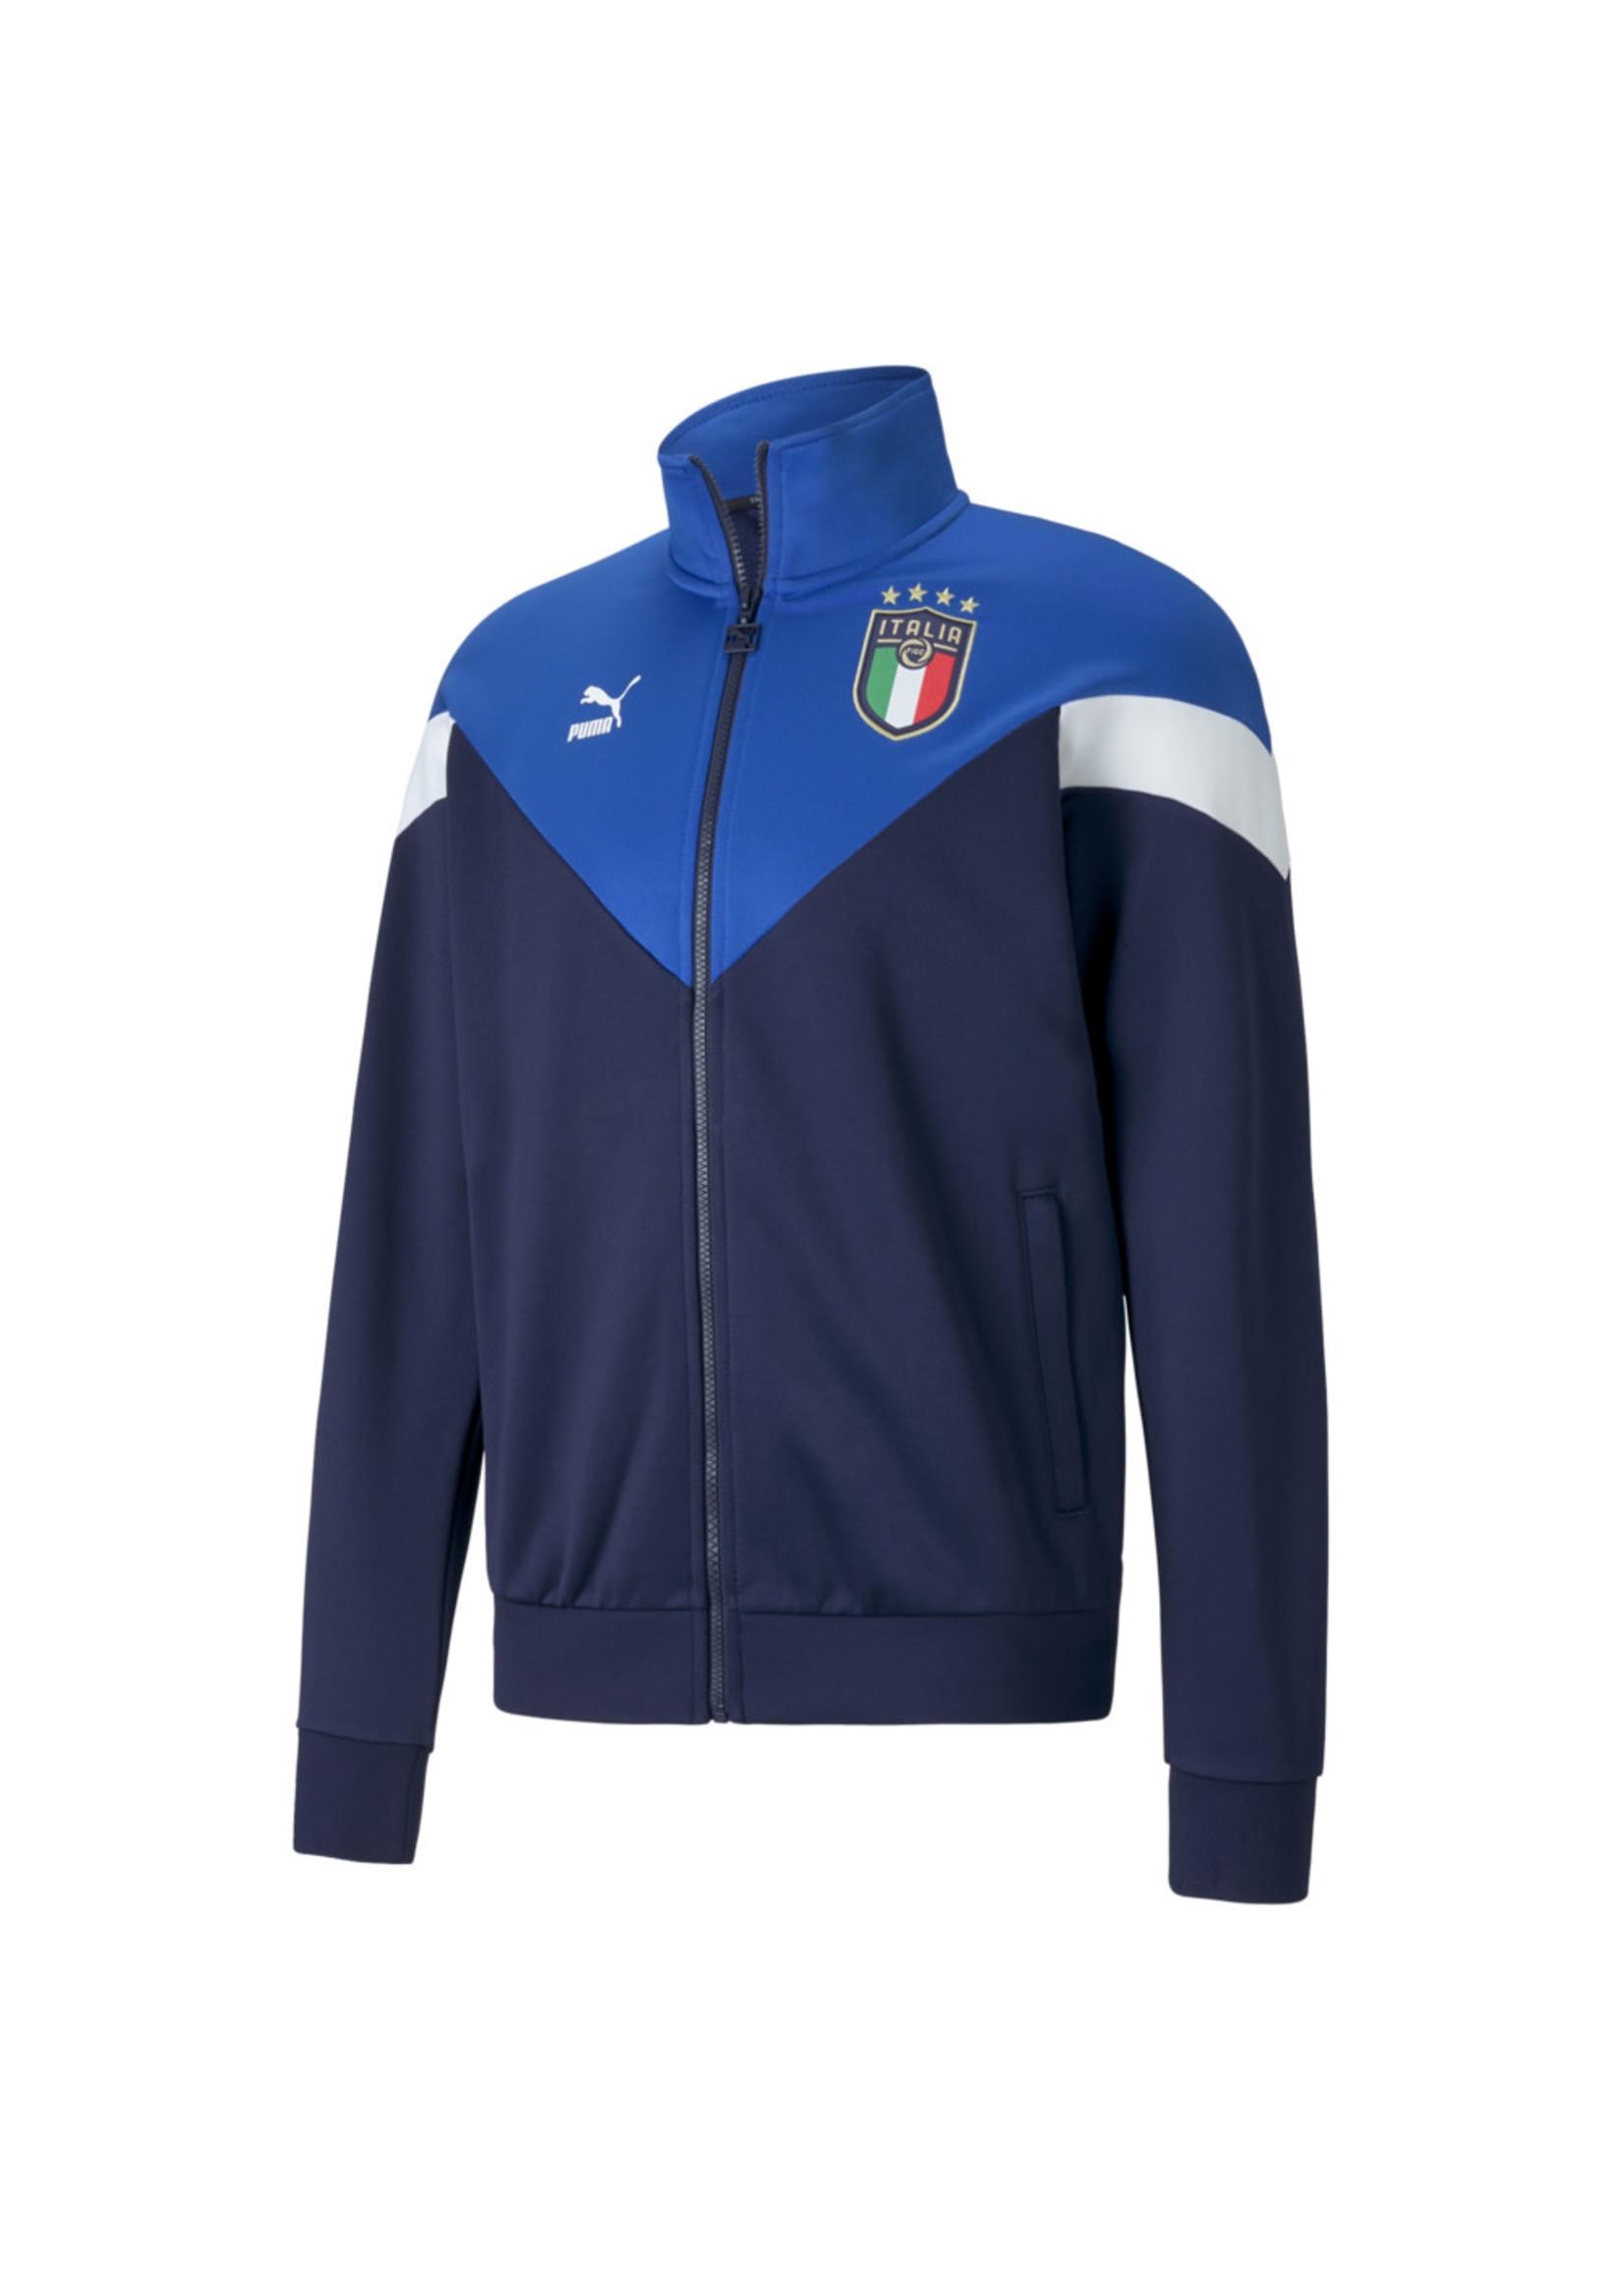 Puma Italy Track Jacket - Full Zip - 756659 01